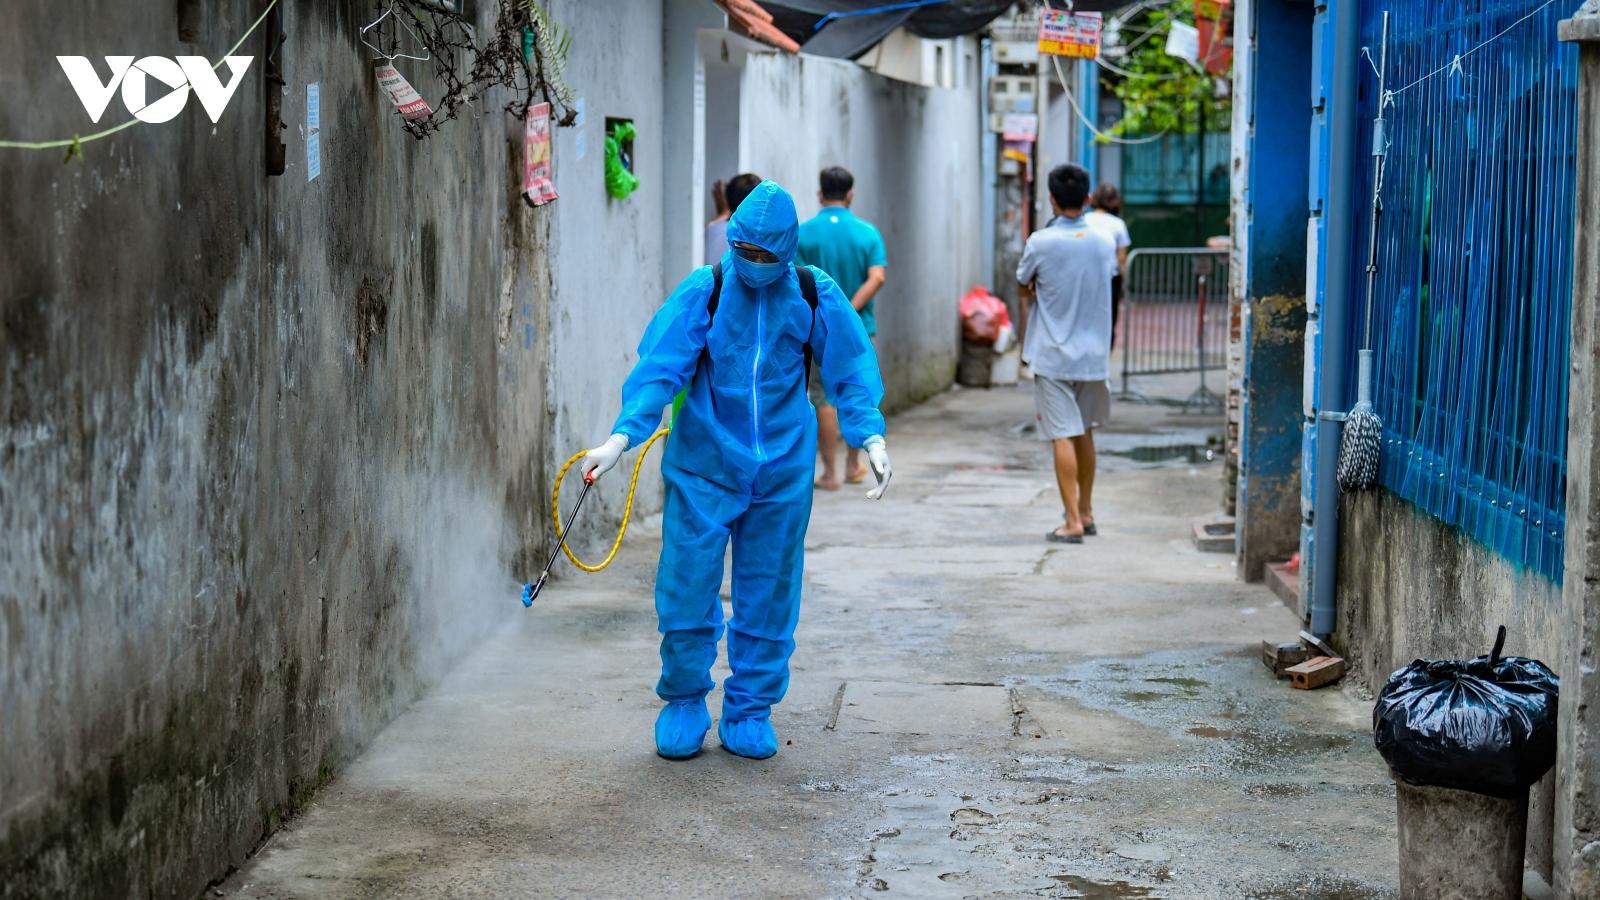 Phong tỏa khu vực bệnh nhân Covid-19 sinh sống tại Triều Khúc, Hà Nội